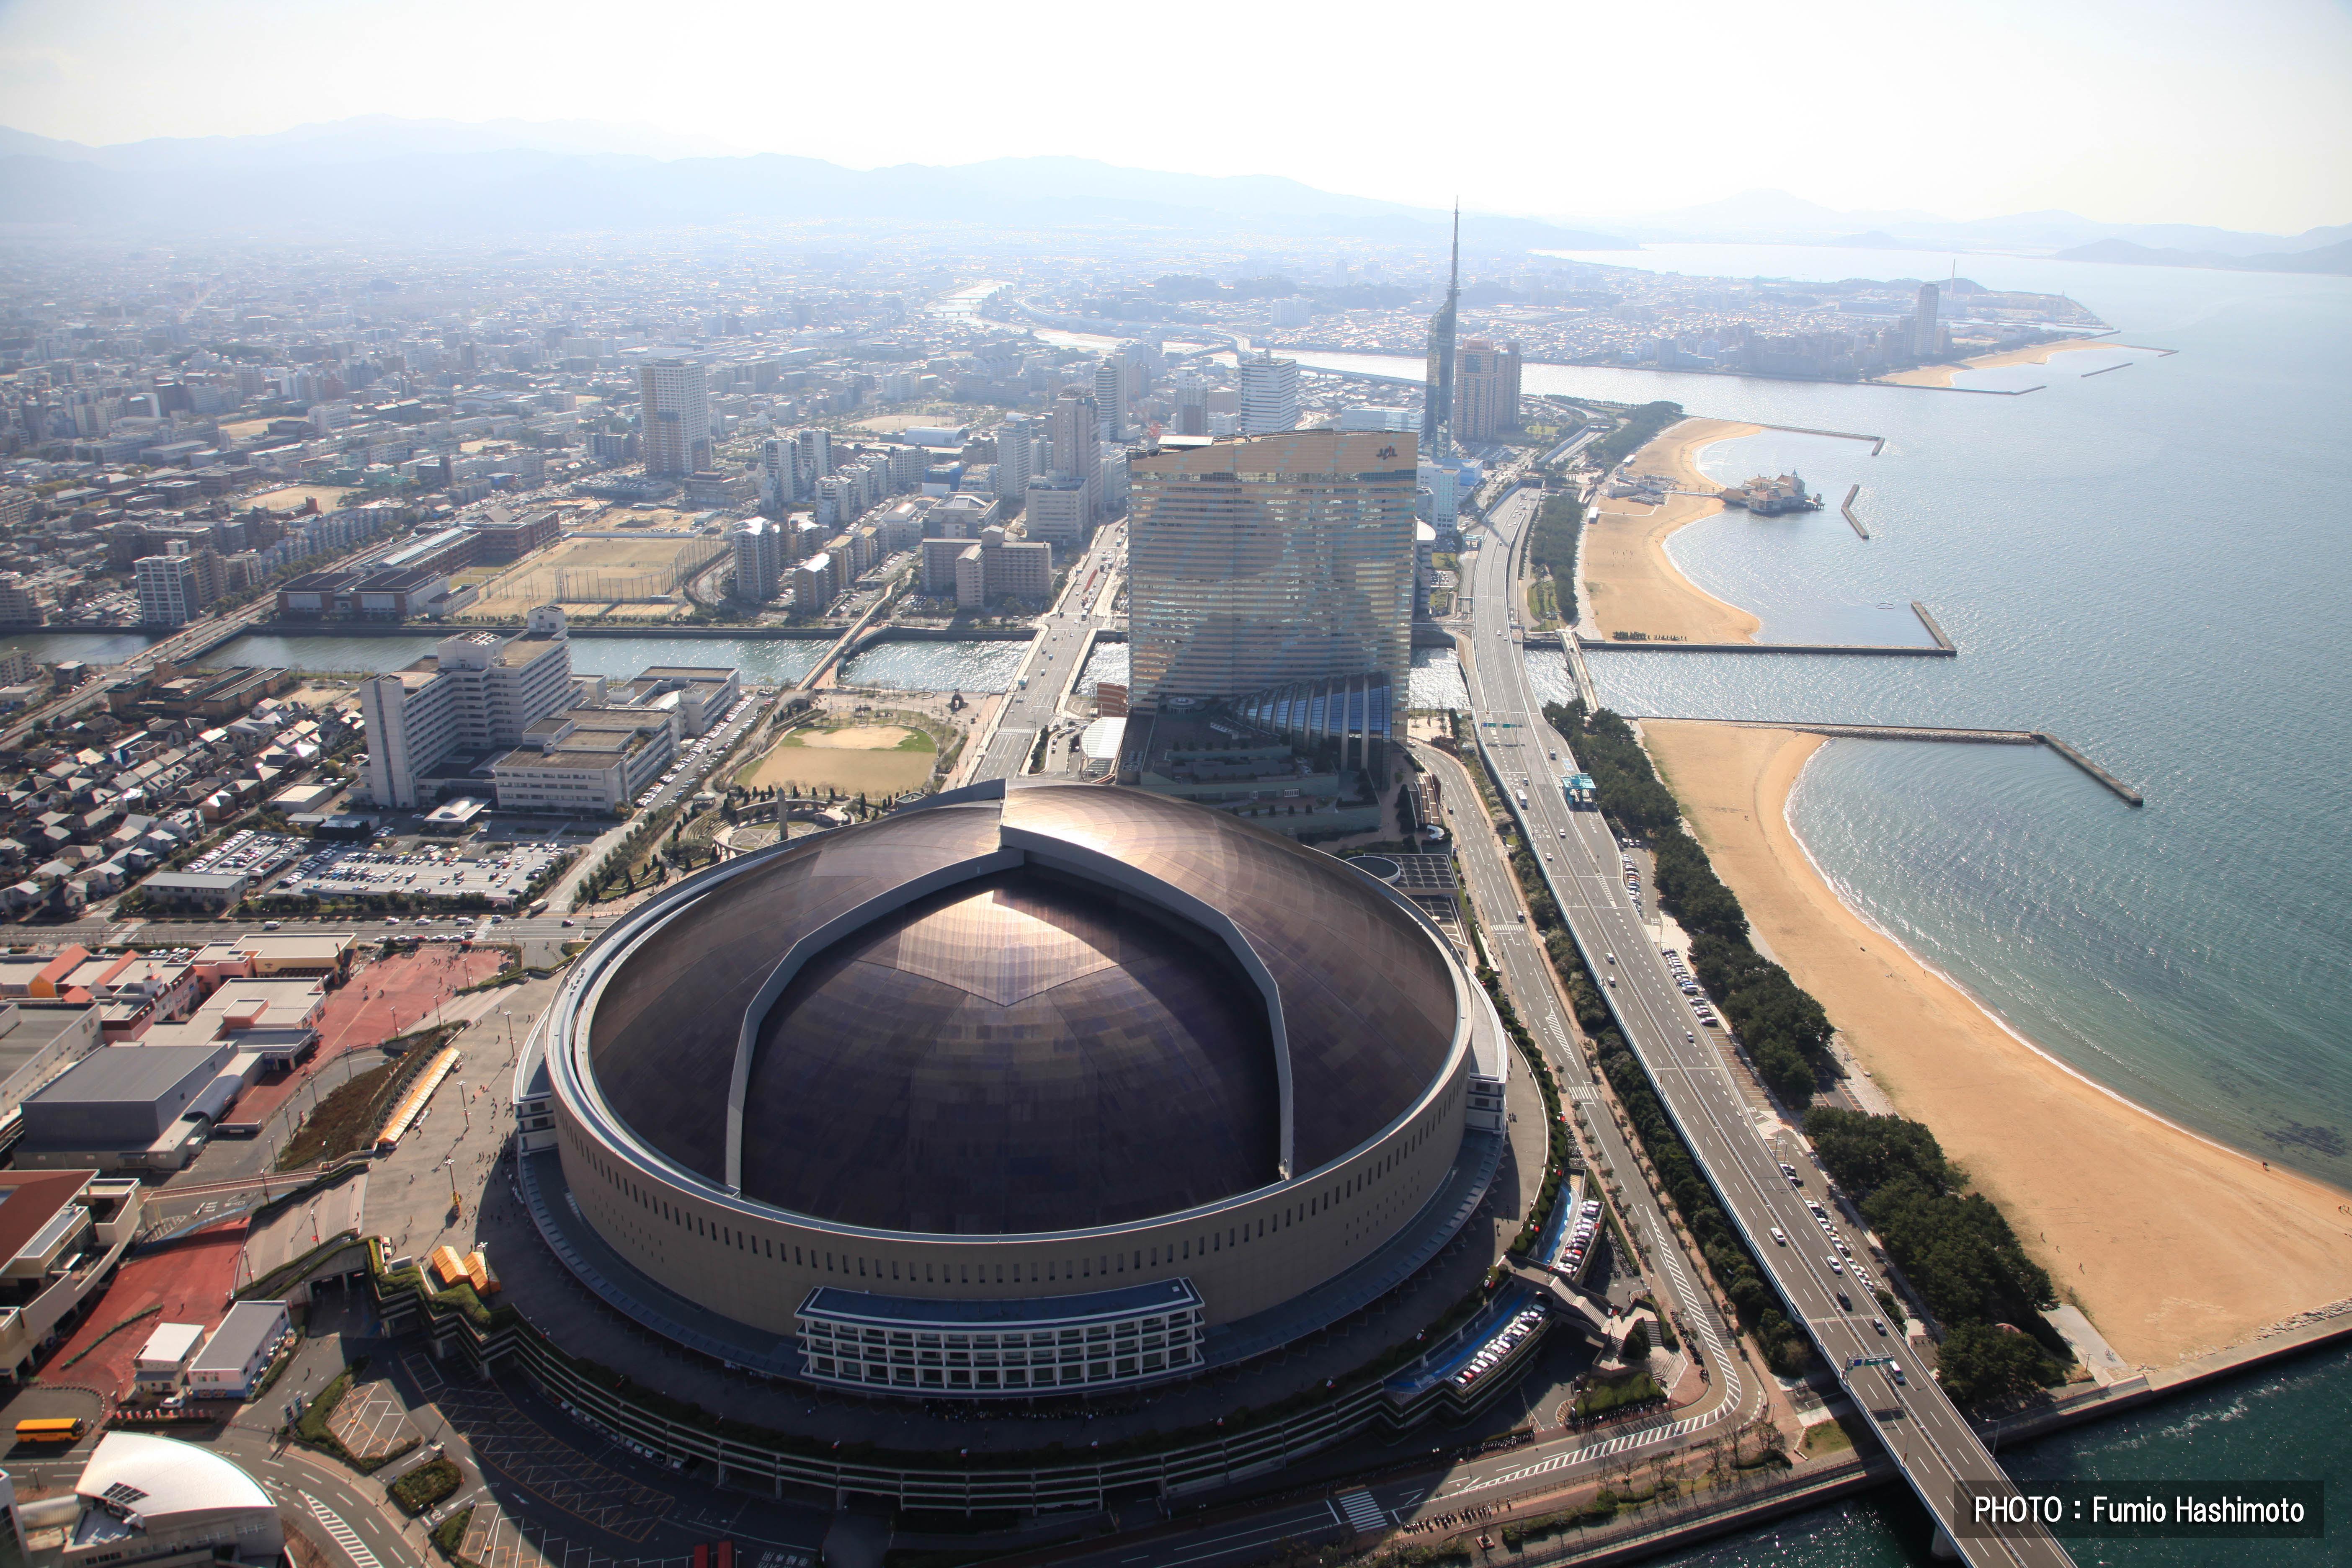 ヤフードーム上空(2009)の画像